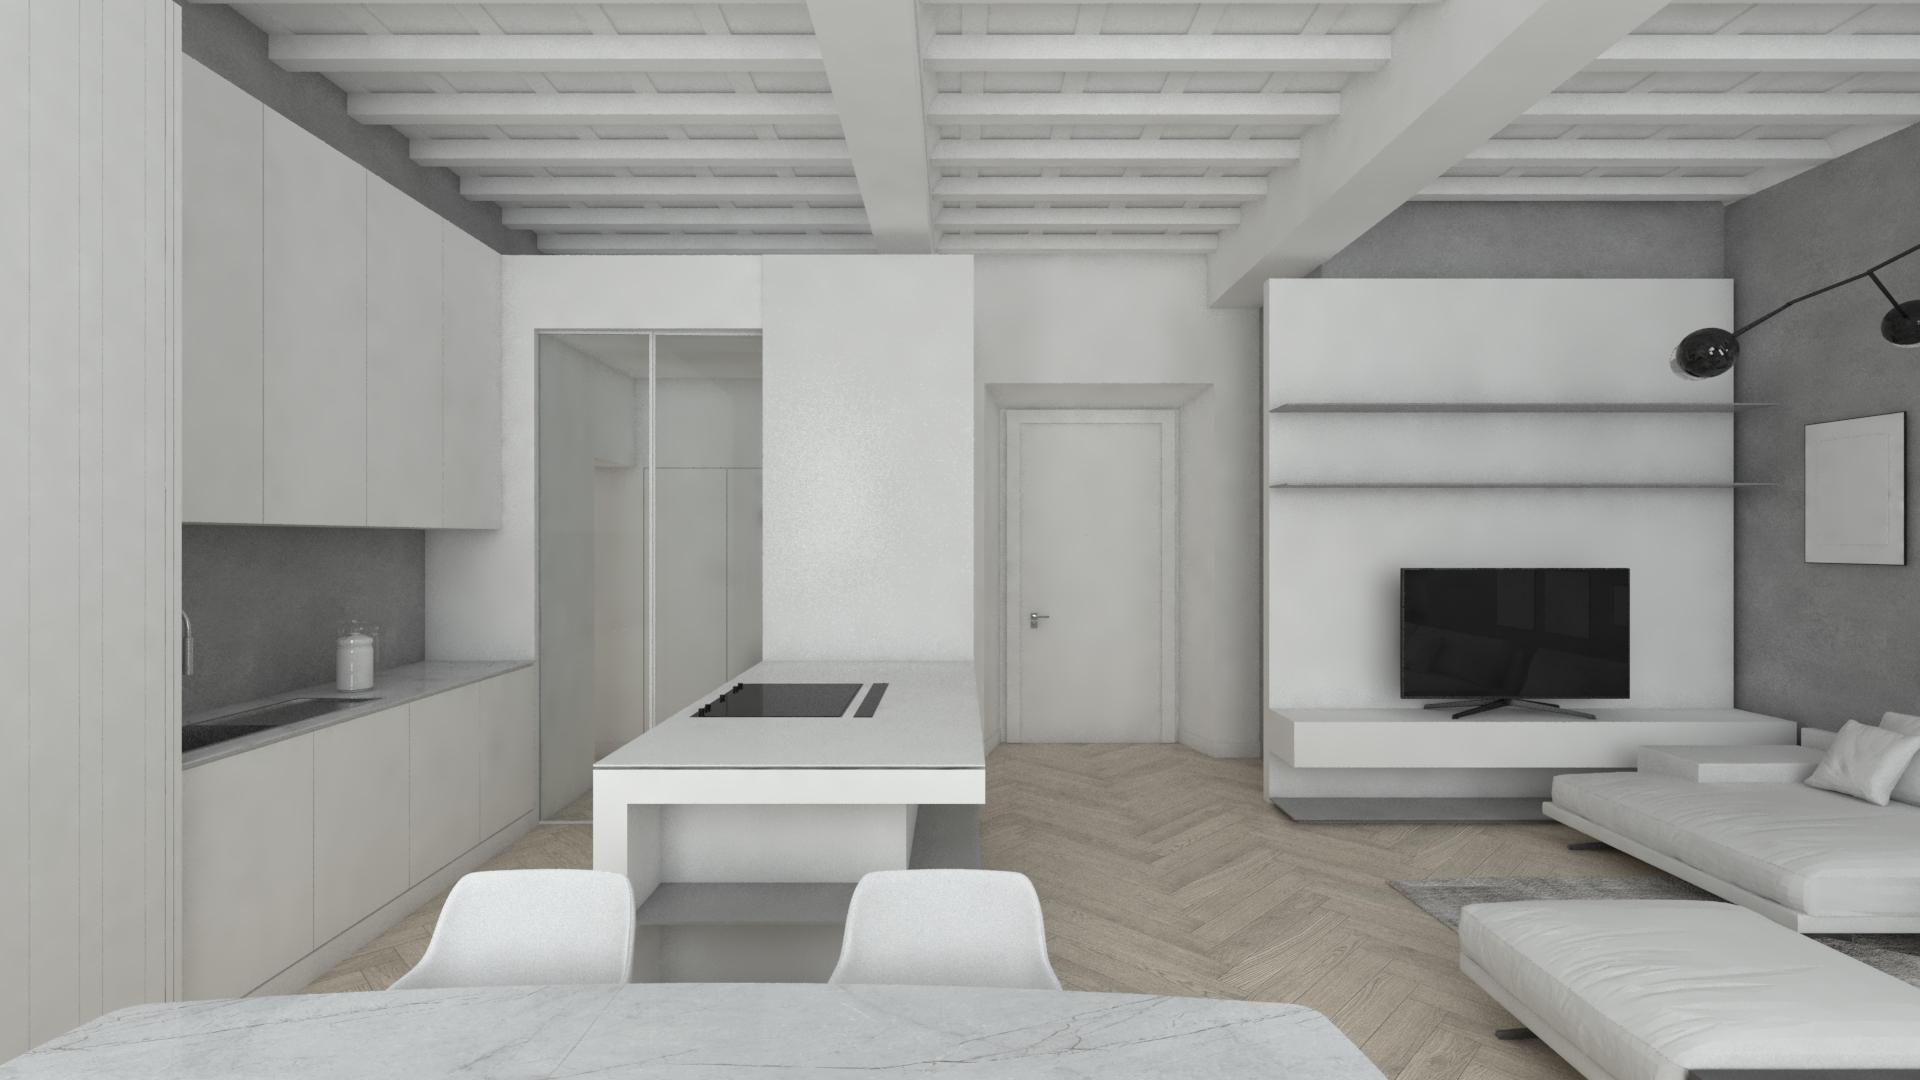 DFG-Architetti-Luce-Spazio-e-Memori-a-Palazzo-Giannini-eredità-del-700-6